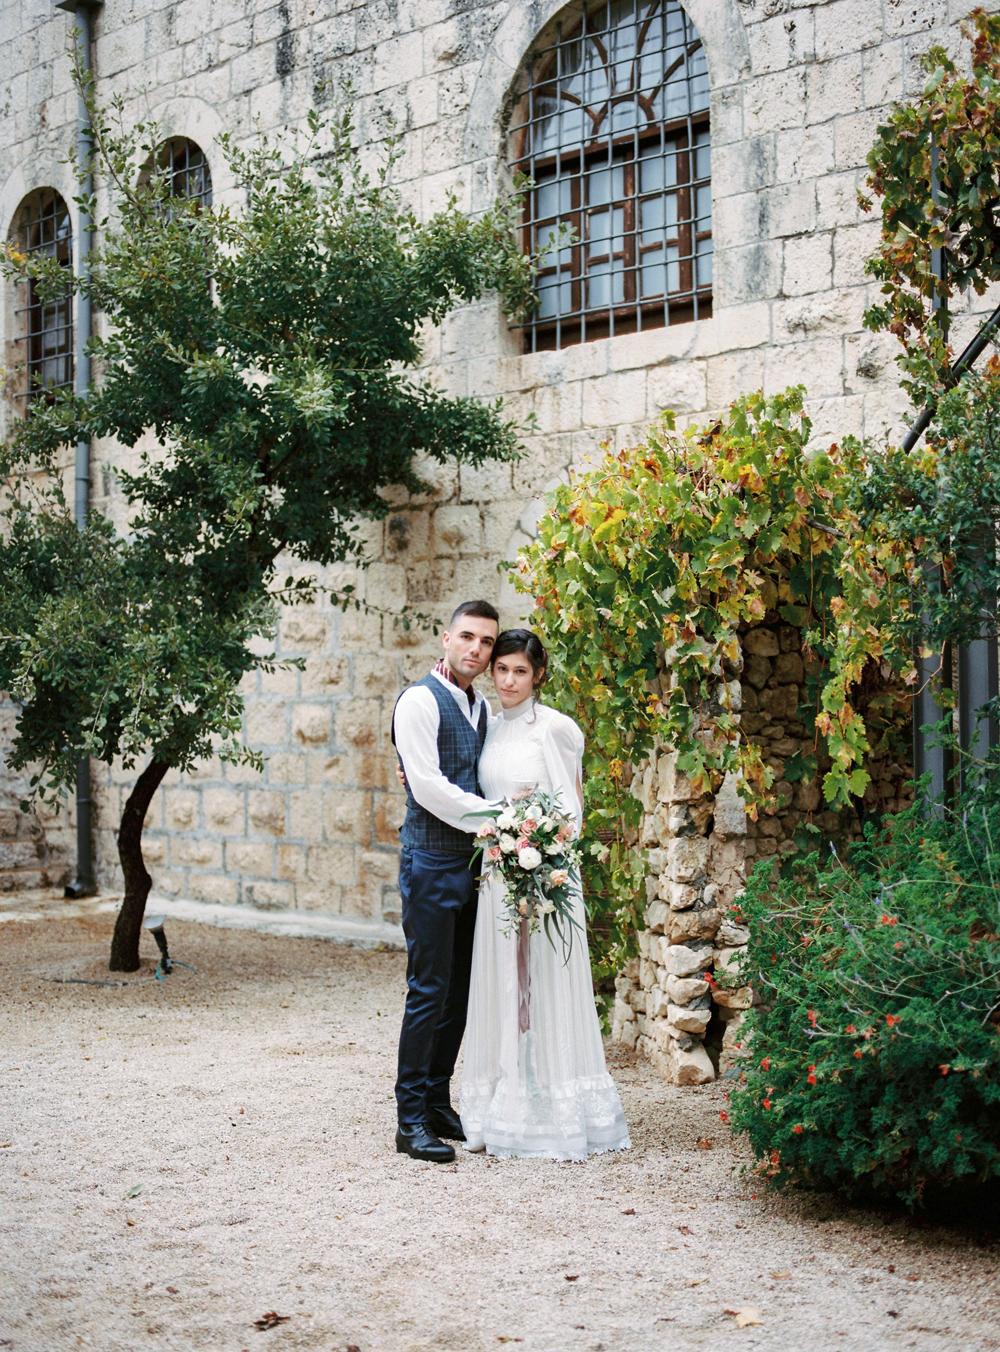 bride and groom in victorian attire outside of castle venue